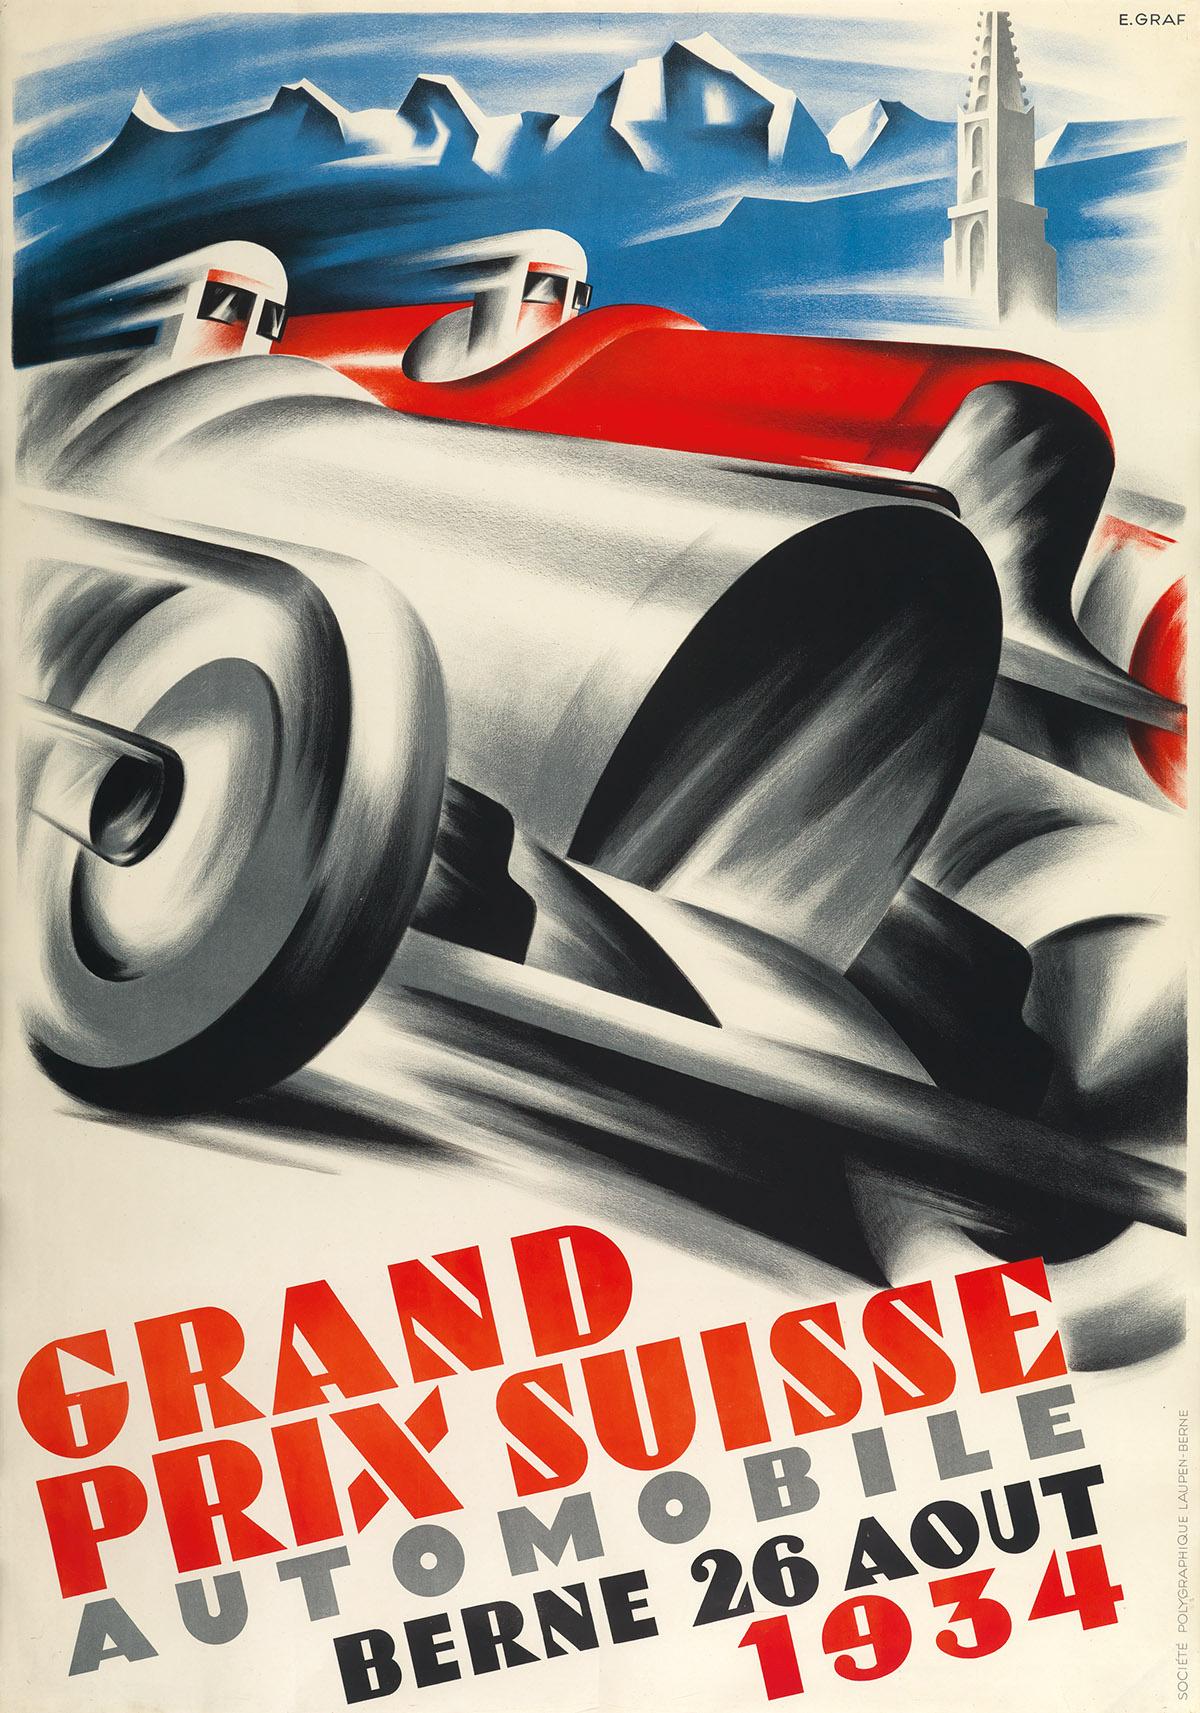 KASPAR ERNST GRAF (1909-1988). GRAND PRIX SUISSE / AUTOMOBILE. 1934. 50x35 inches, 127x89 cm. Société Polygraphique Laupen, Bern.